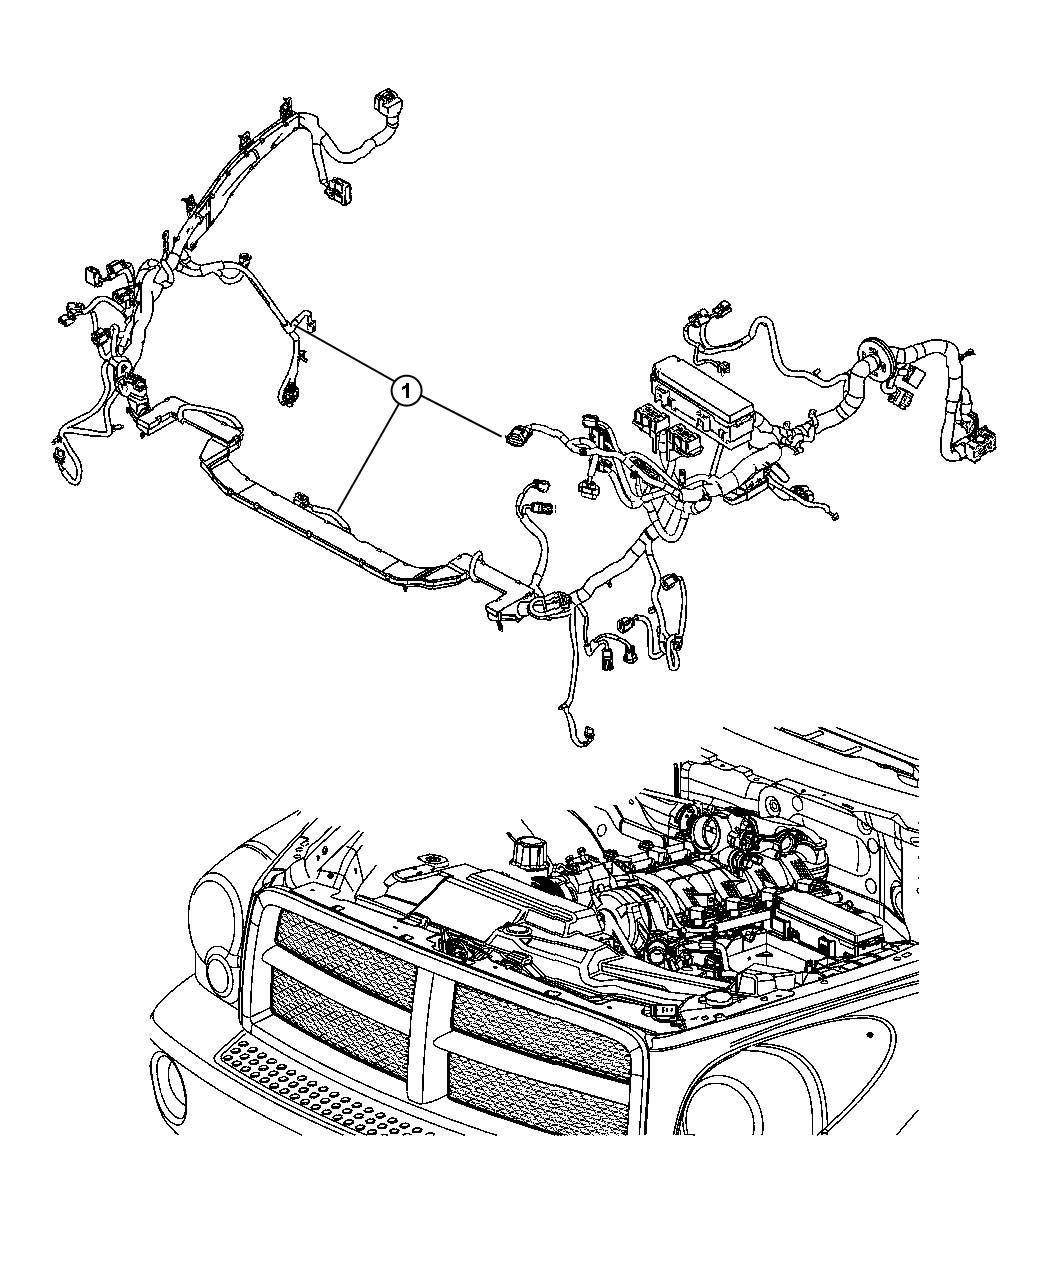 Chrysler Aspen Wiring. Headlamp to dash. Monitoring